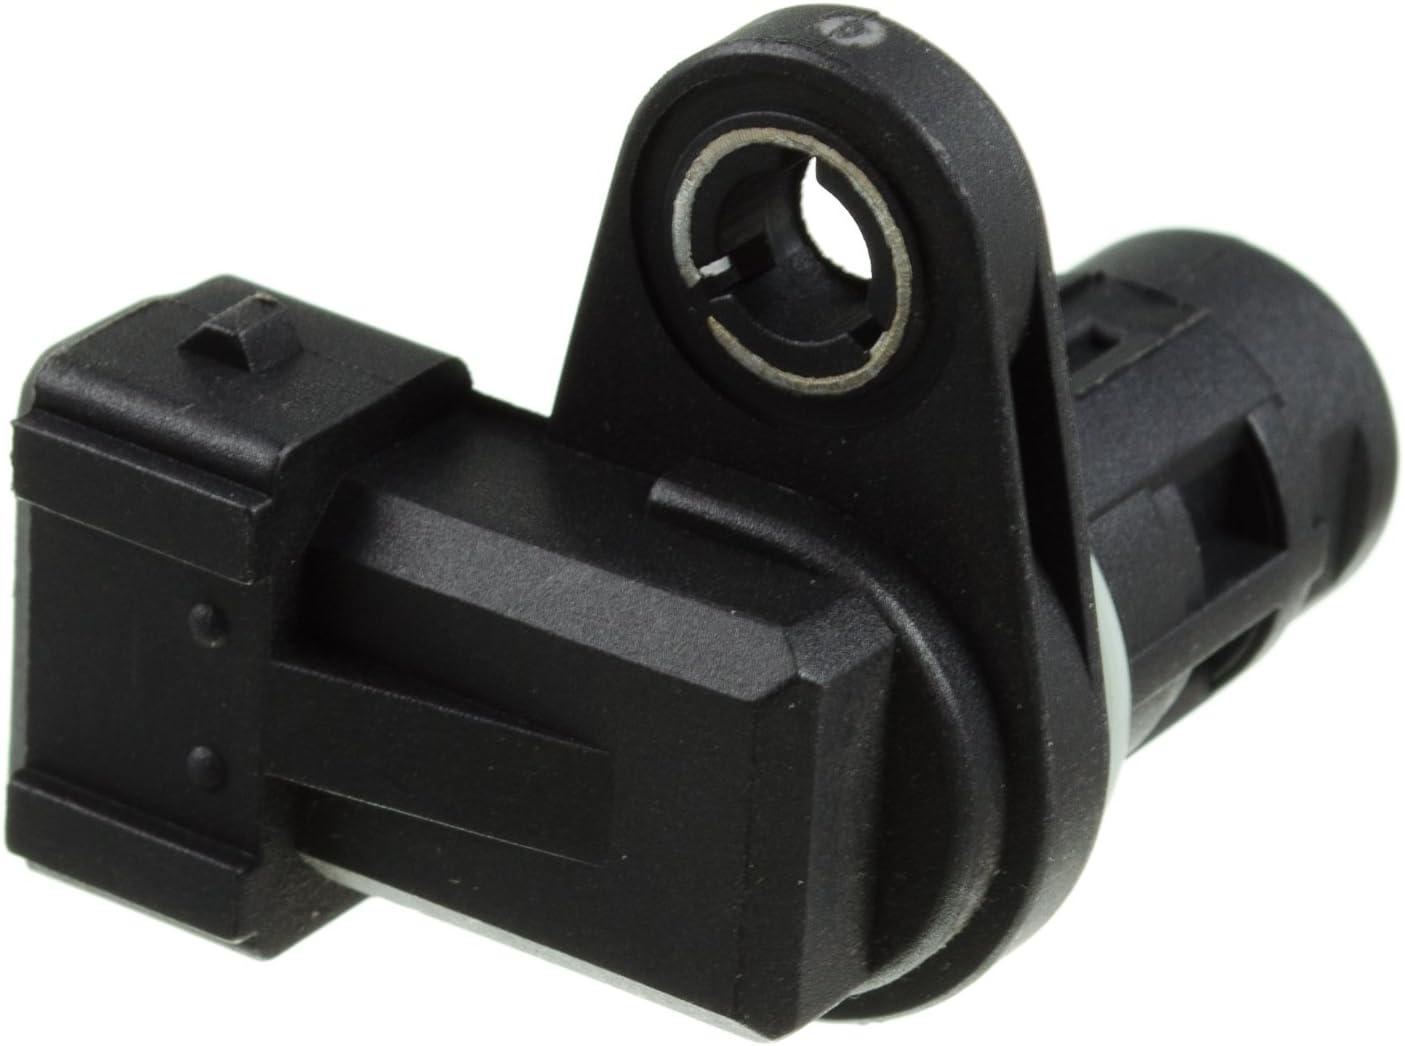 Camshaft Position Sensor CPS CAS for Nissan Infiniti 3.5L 4.0L 1.8L